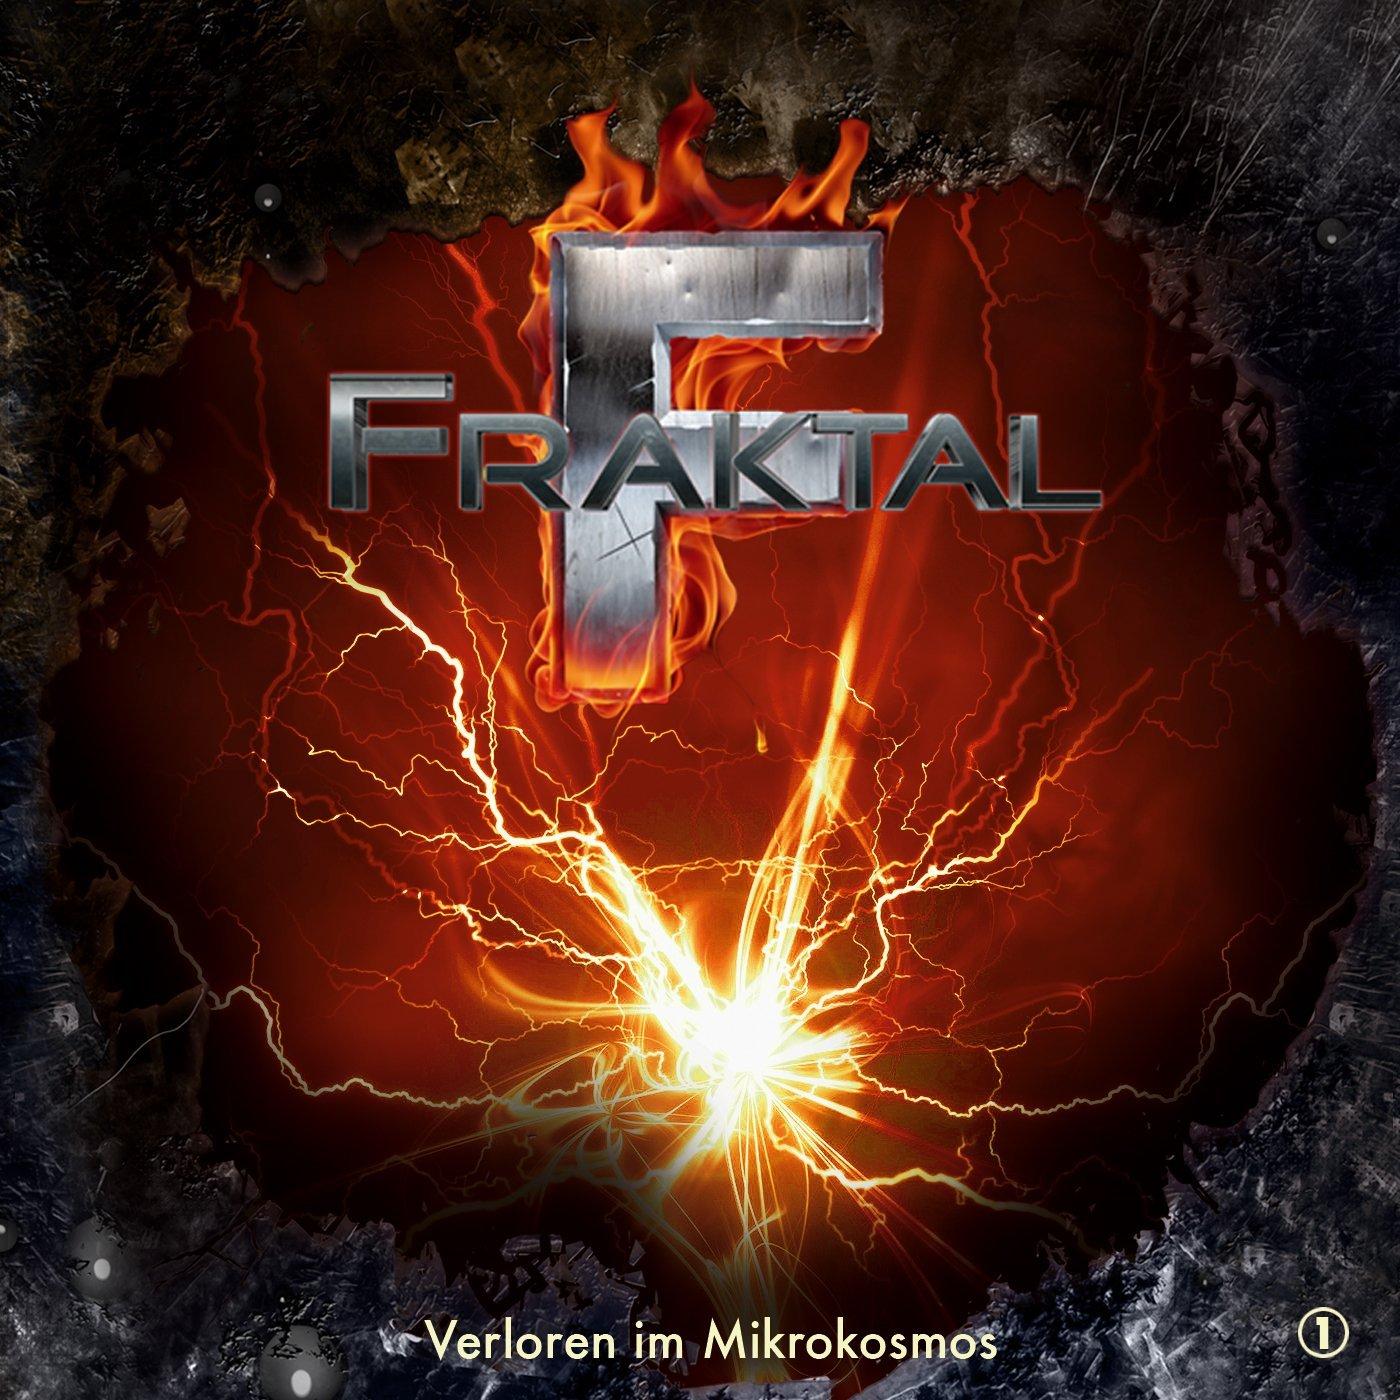 """Lukes Meinung zu """"Fraktal 01 – Verloren im Mikrokosmos"""""""